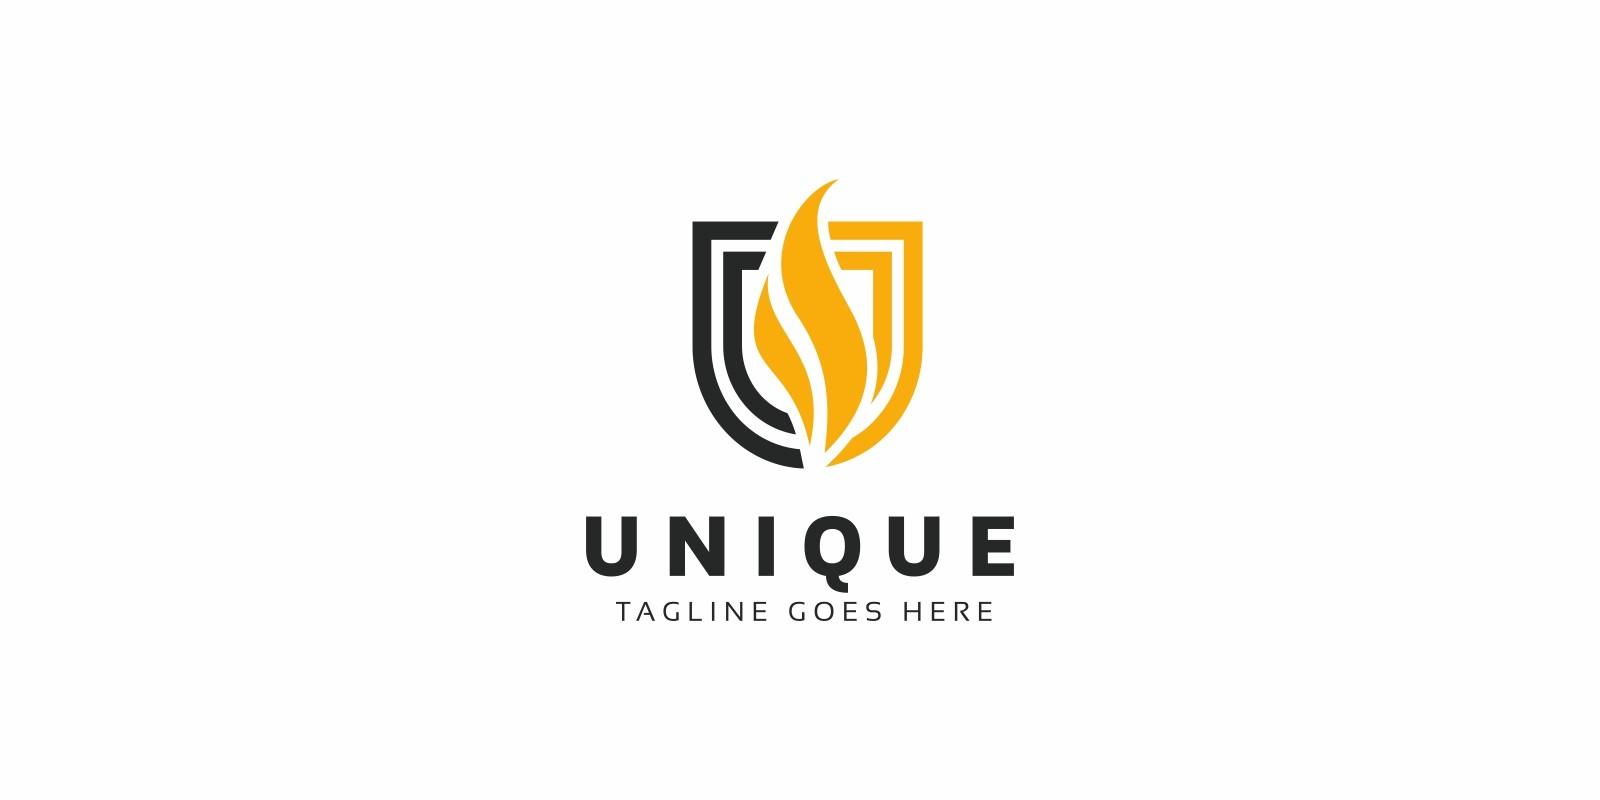 Unique Fire U Letter Logo